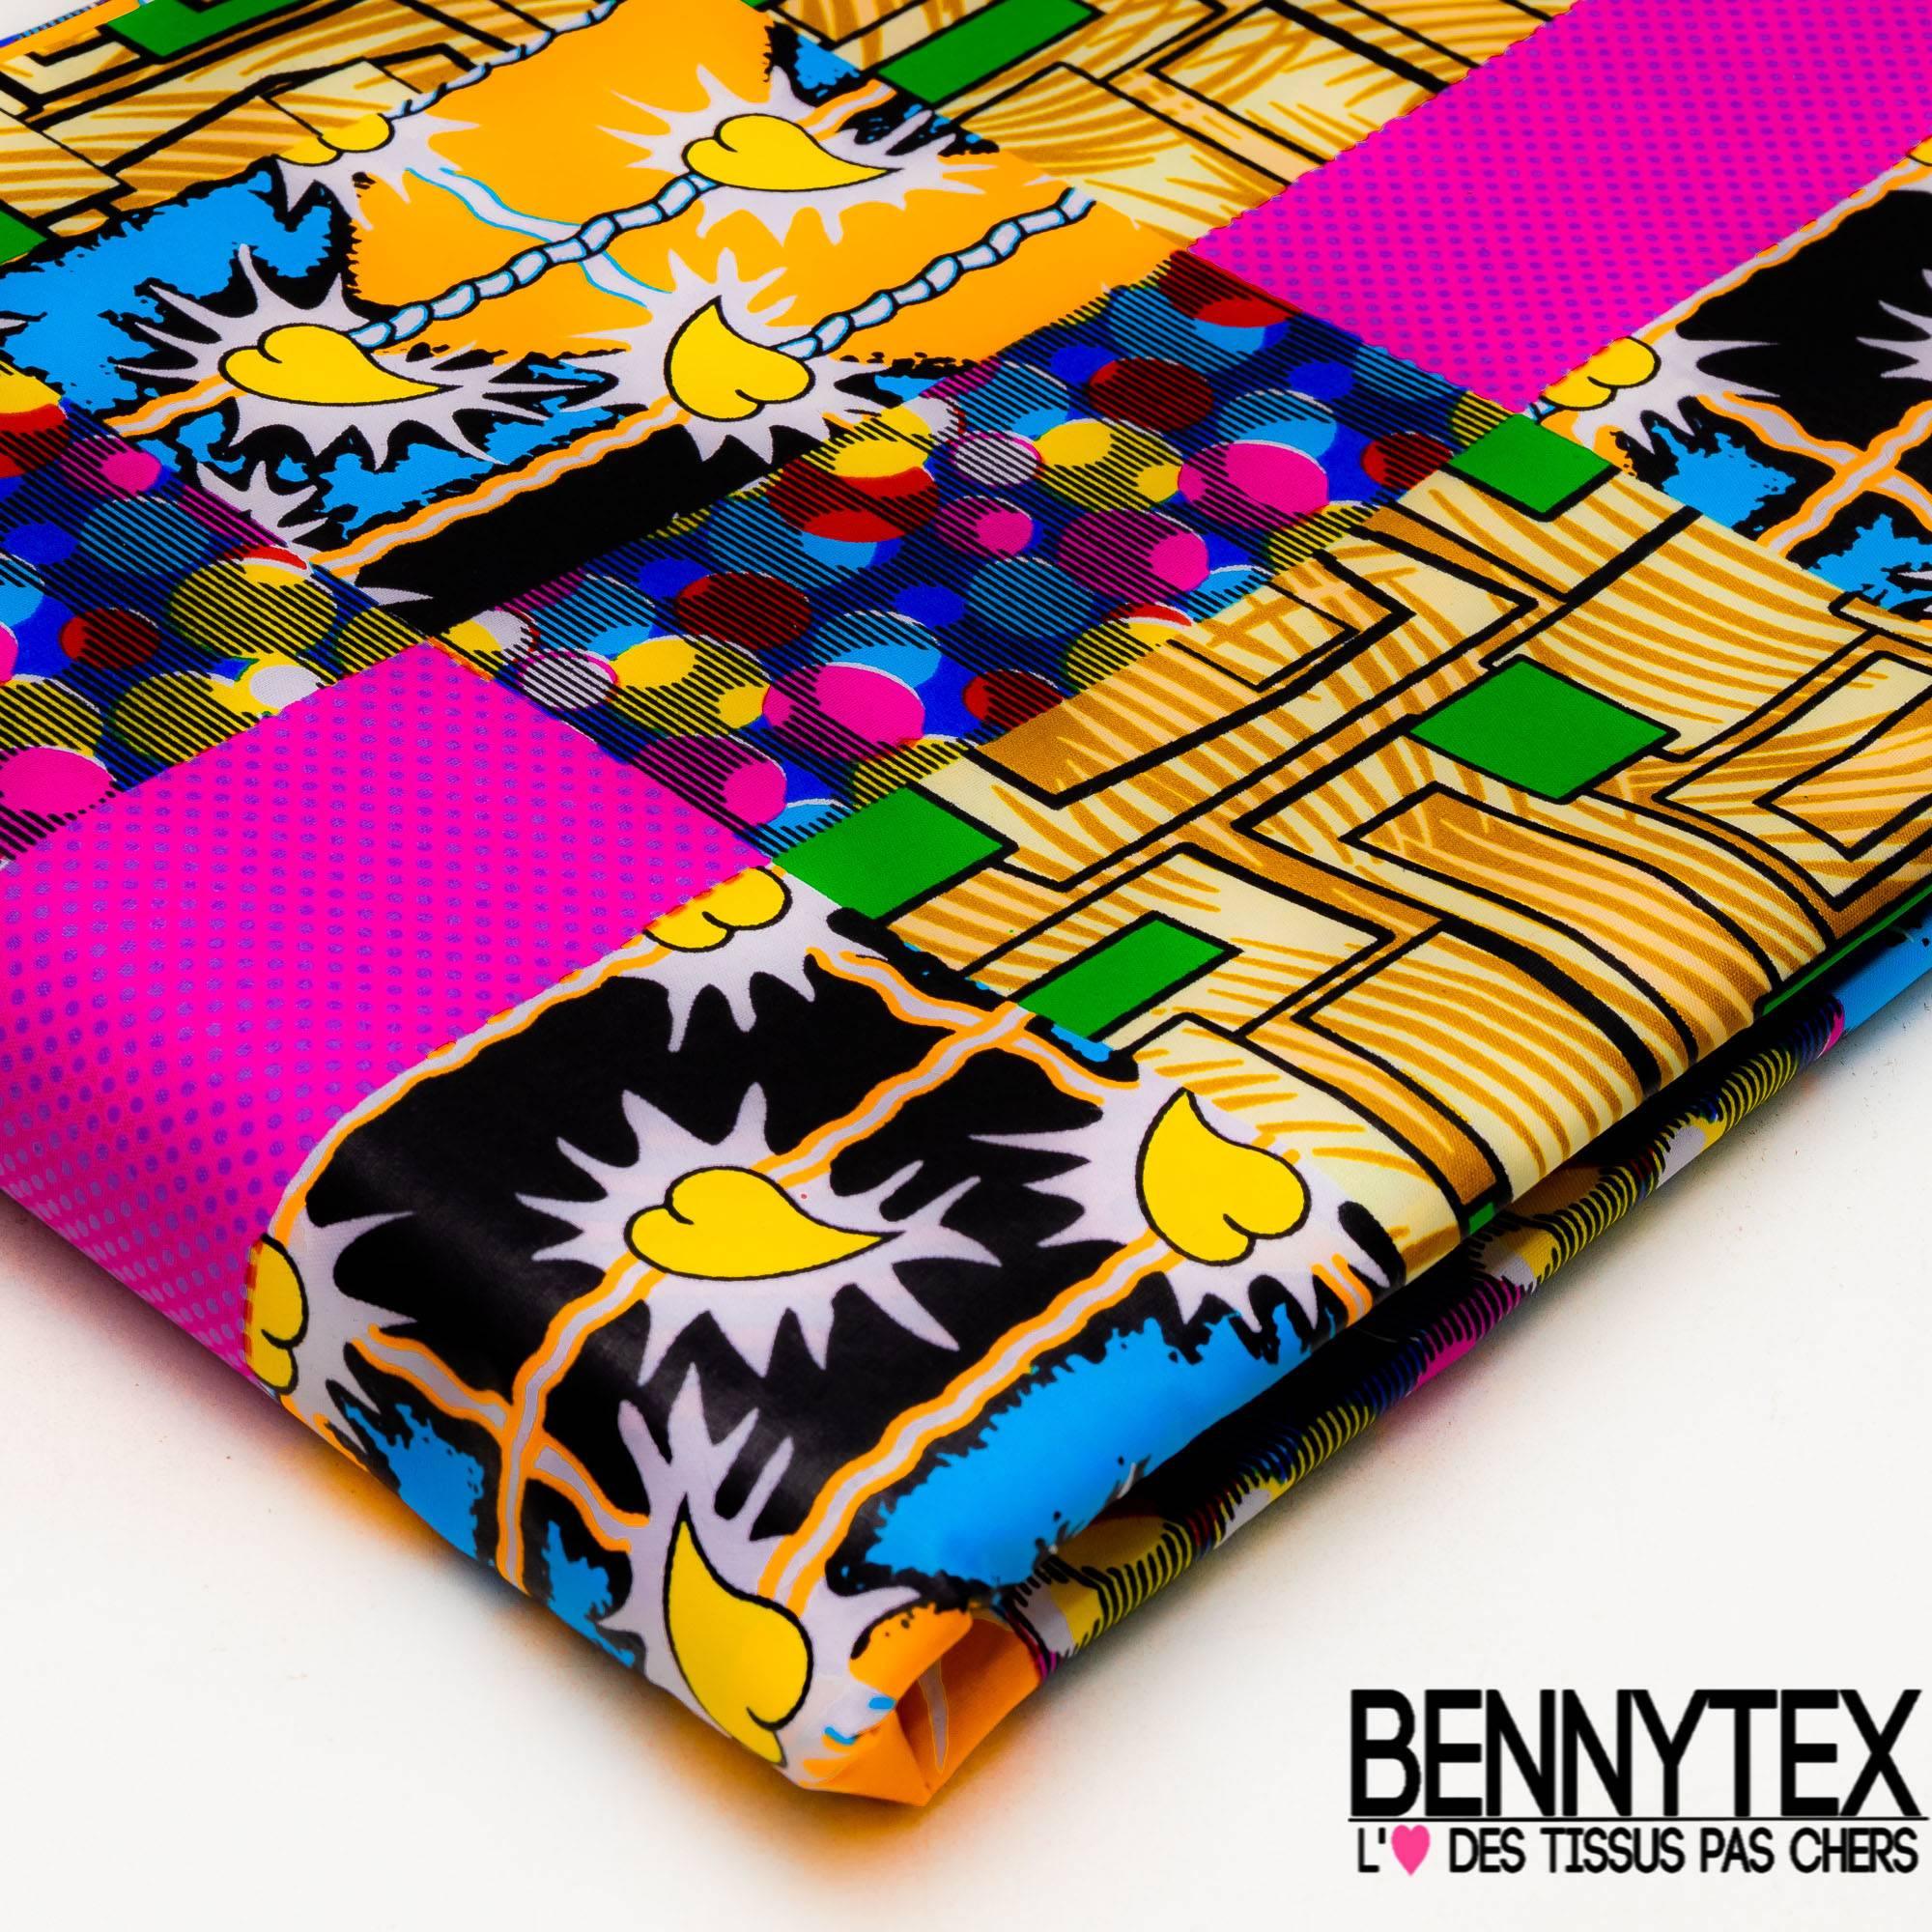 fc09c0a54987 Wax Africain N° 369  Motif Carré Fantaisie Multicolore   Bennytex vente de  tissus pas cher au mètre